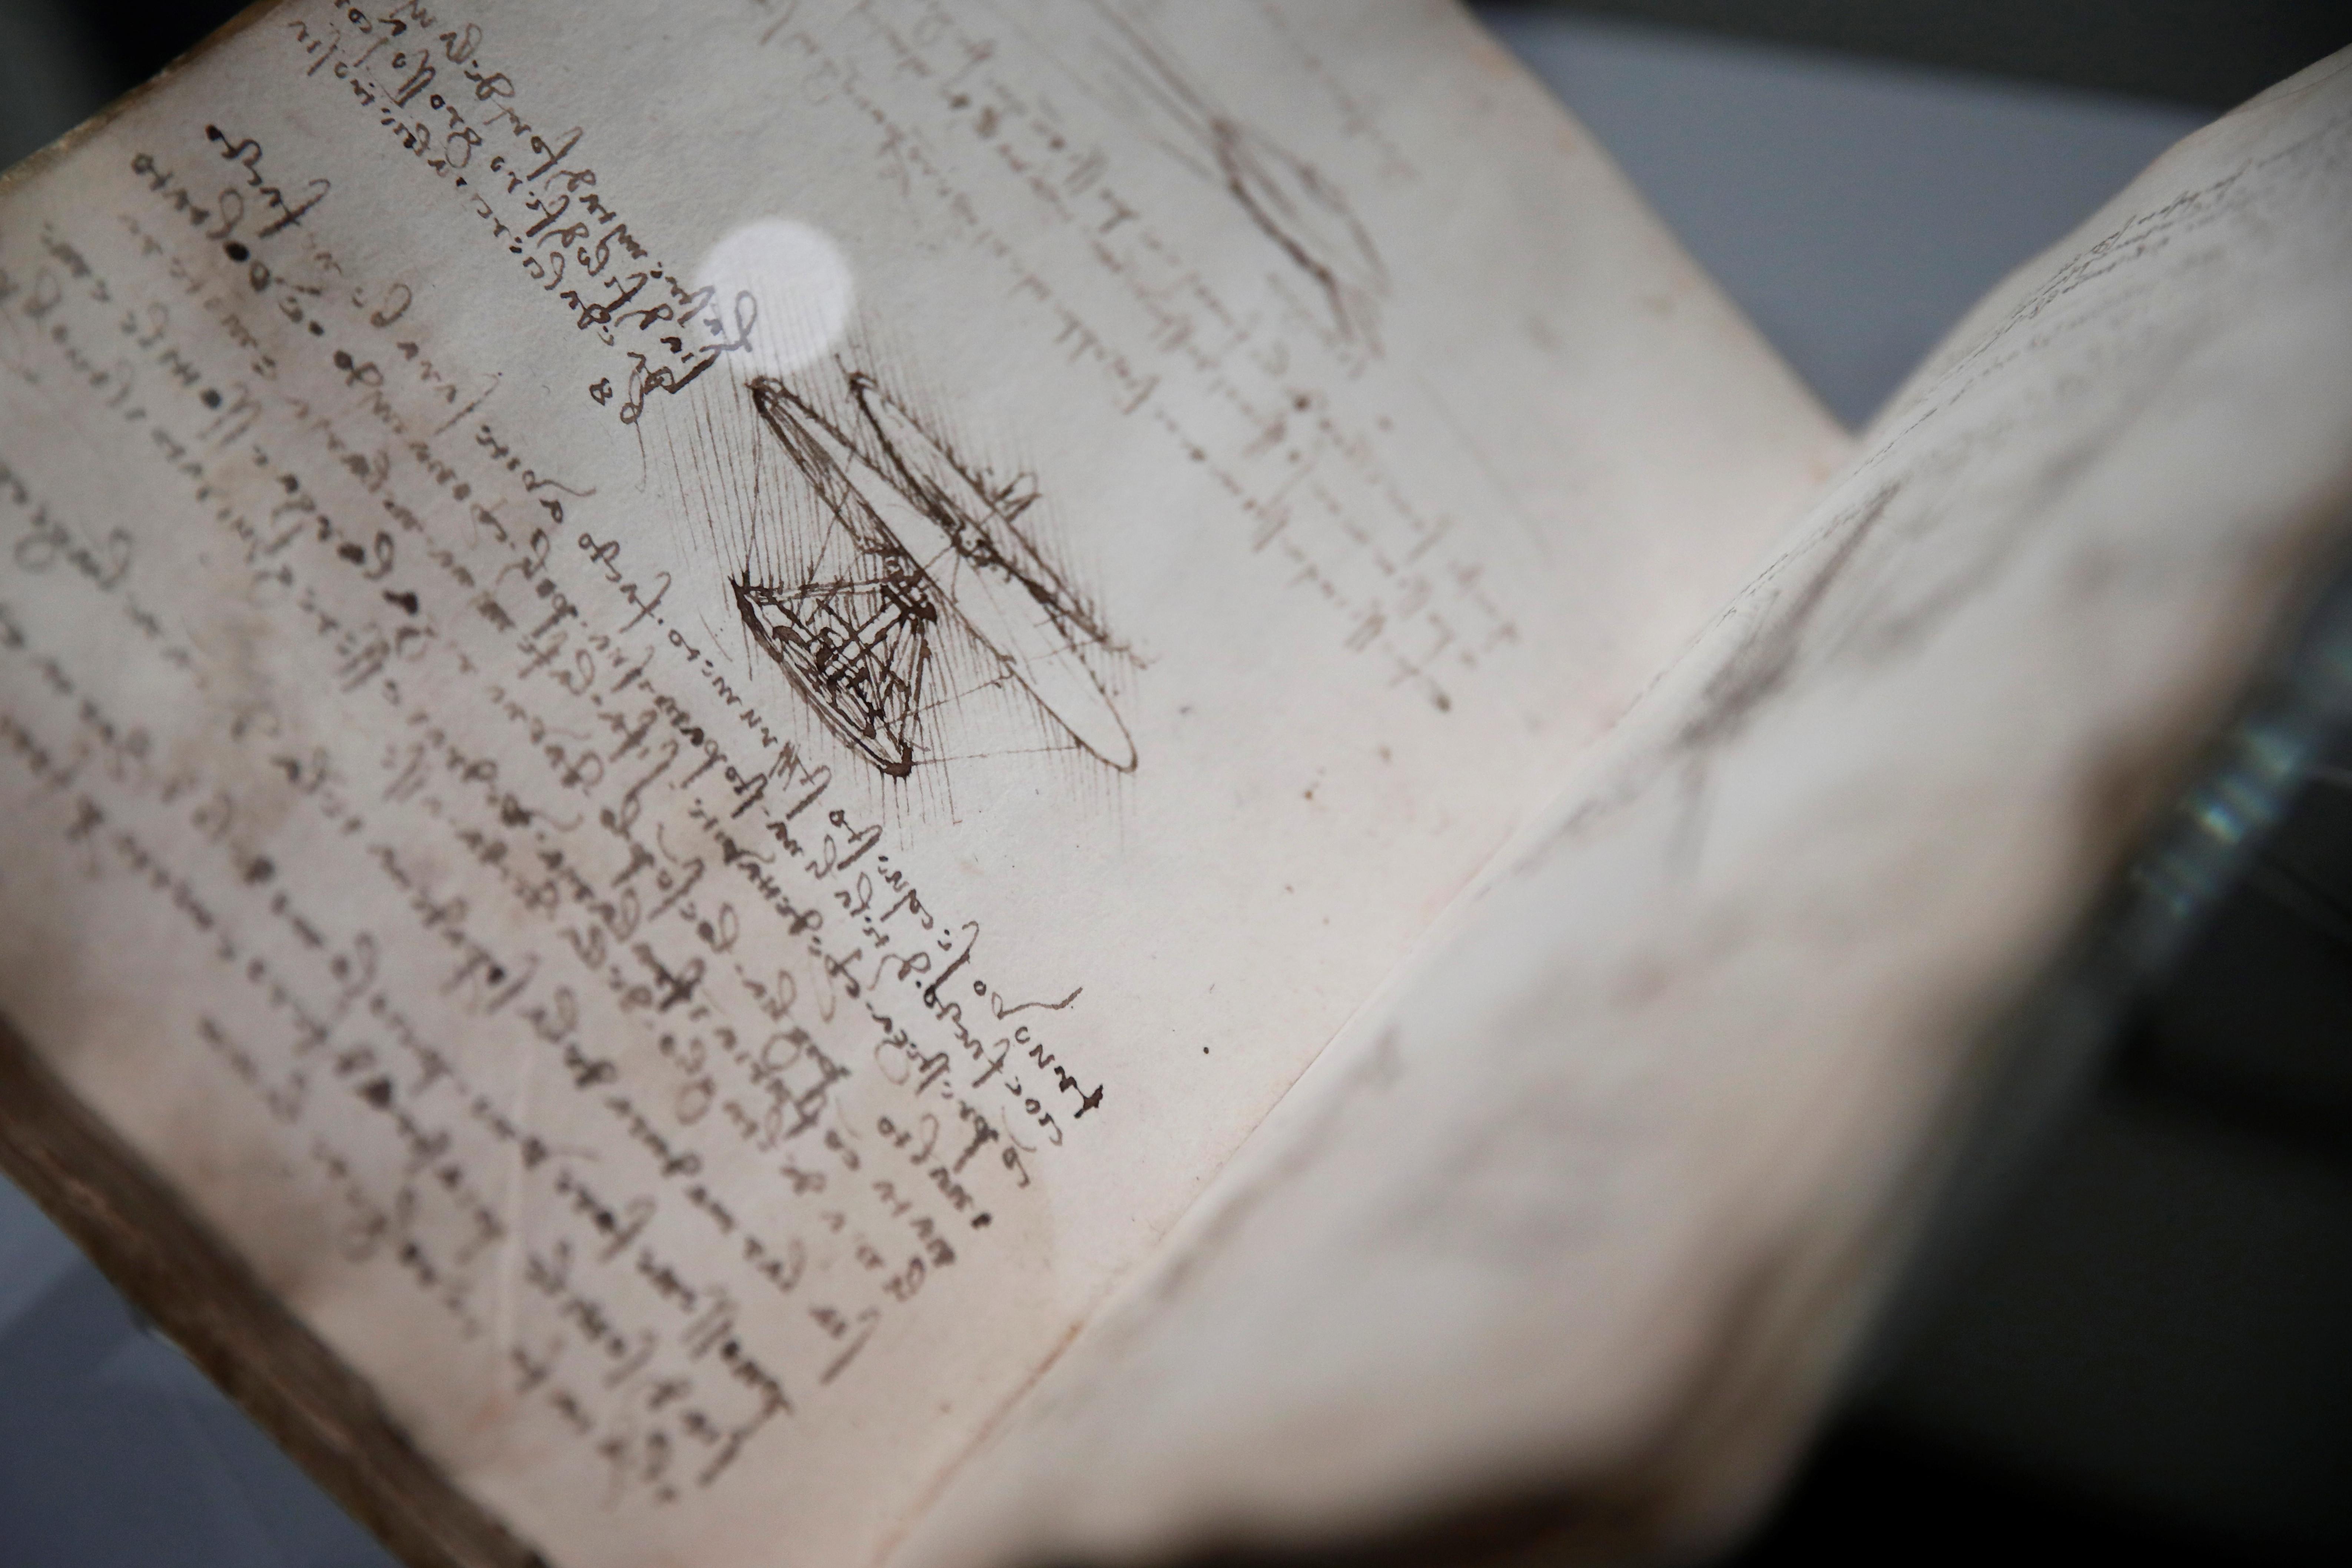 A drawing by Leonardo da Vinci.